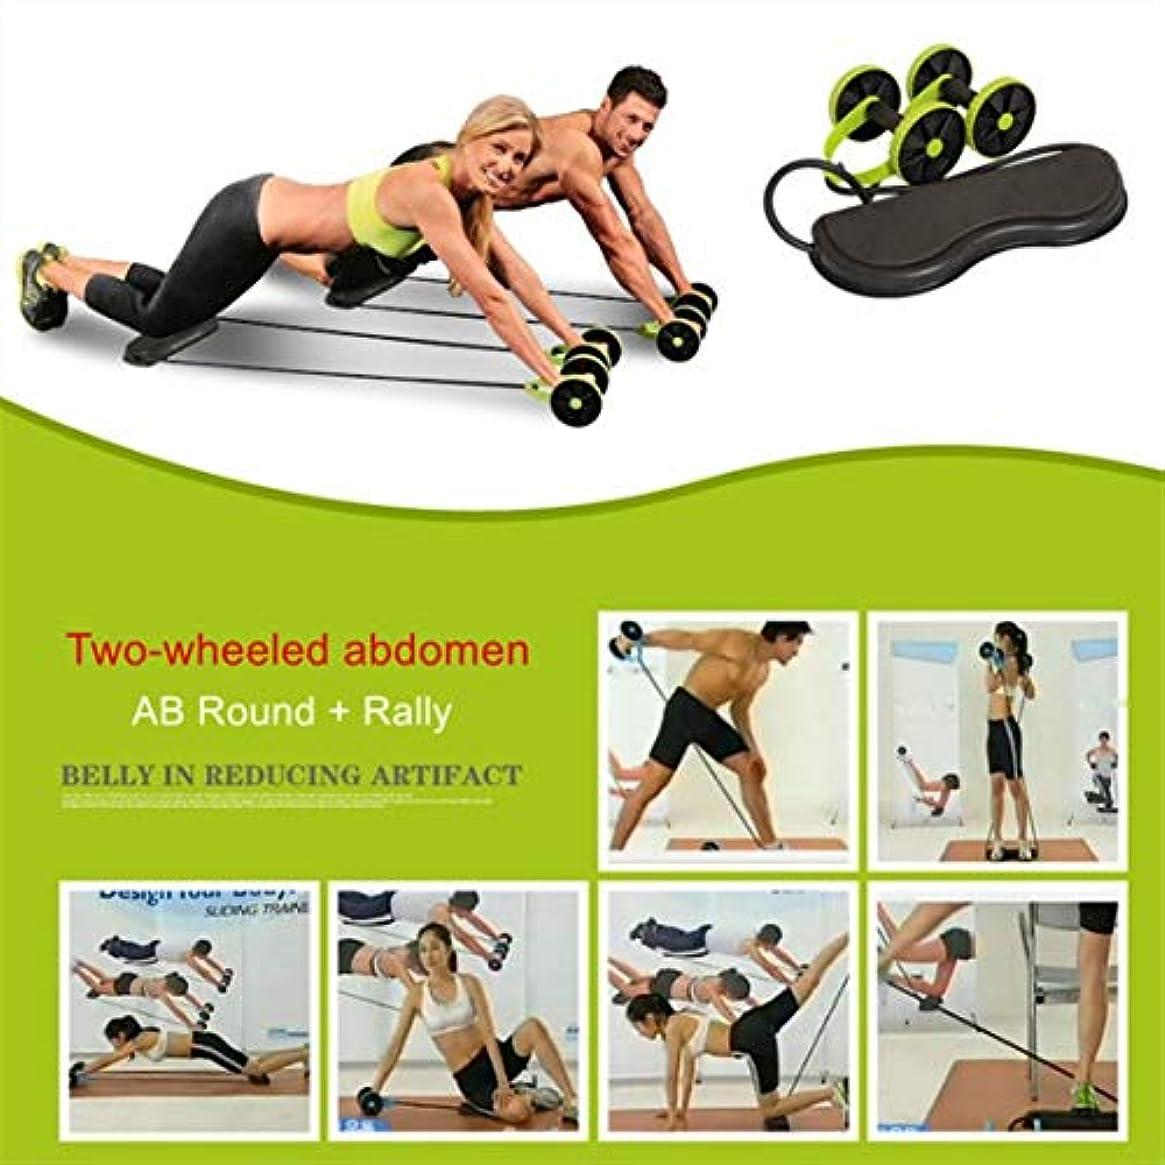 着実に肉のエールJS-04多機能腹輪腹筋輪腹輪テンションロープ筋肉トレーニングマシン